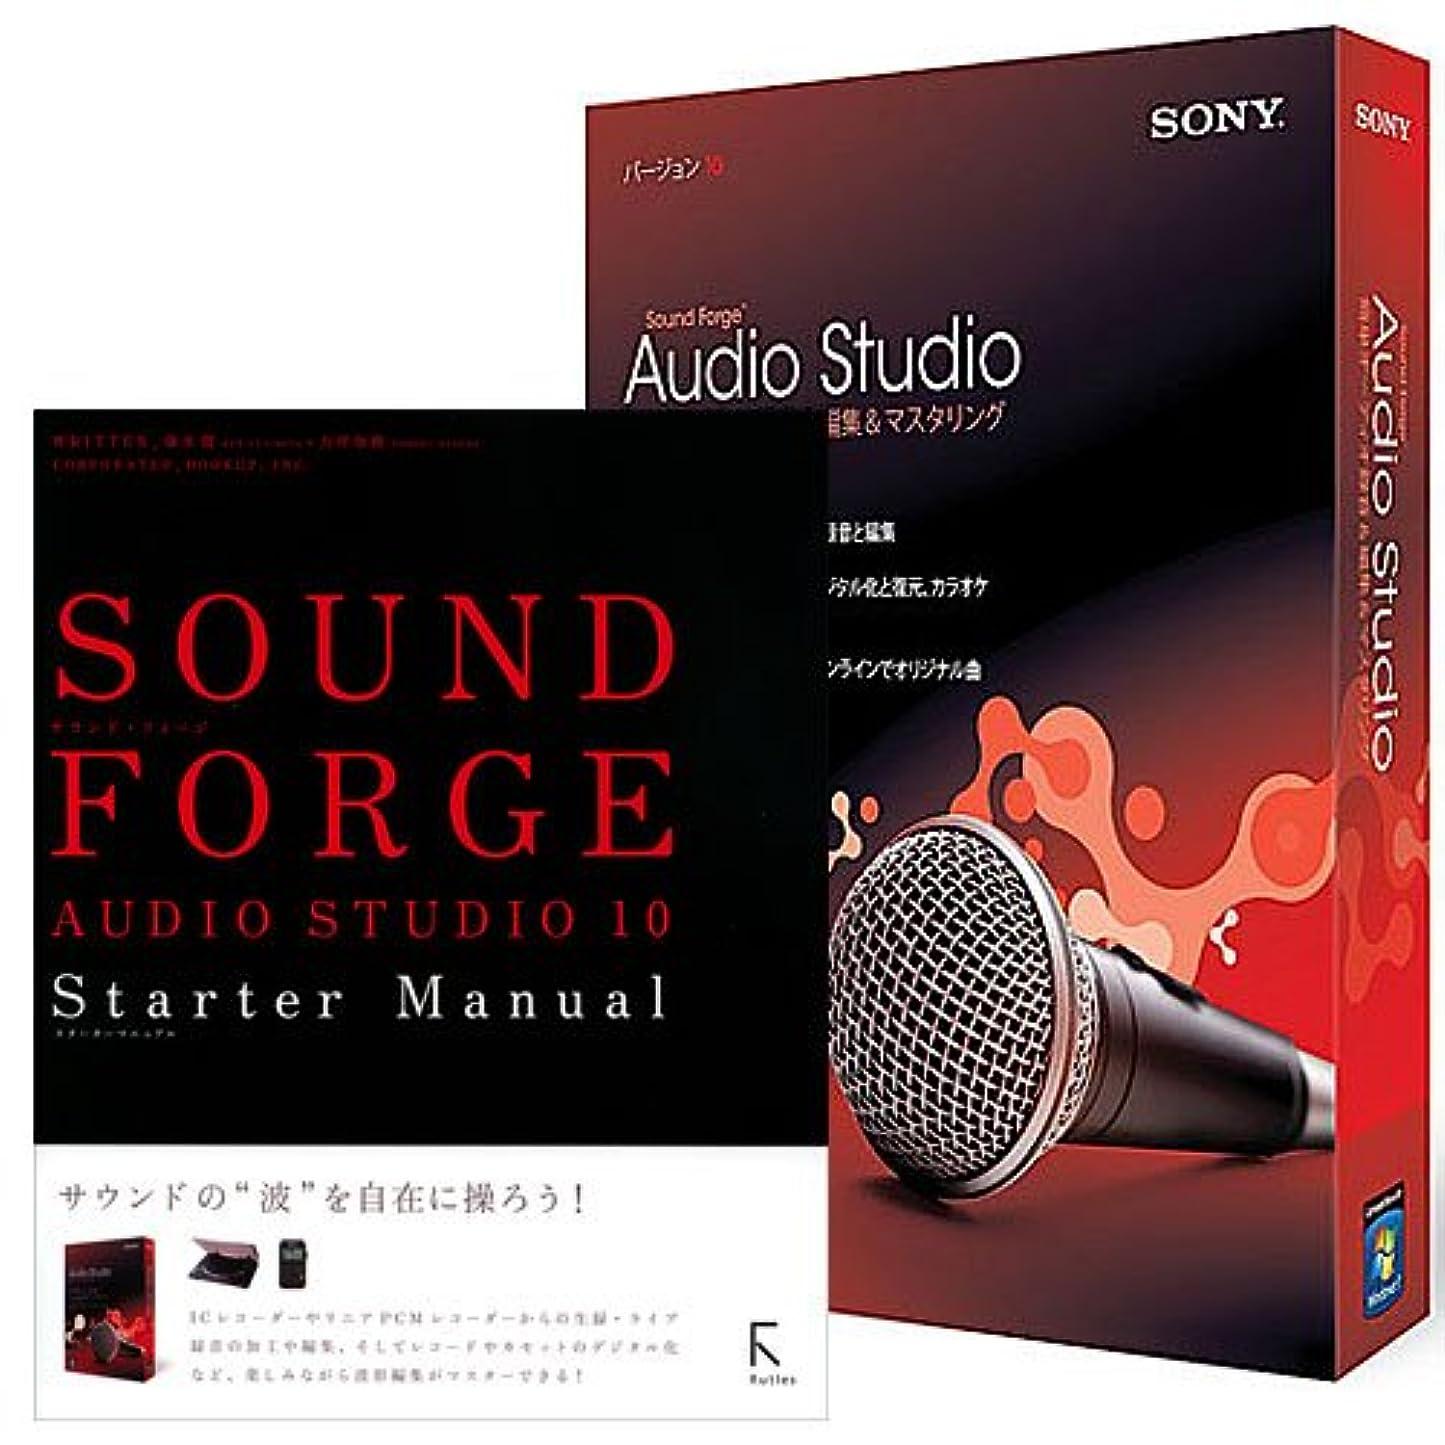 チキンバイオレット非難ソニー SOUND FORGE AUDIO STUDIO 10 解説本バンドル